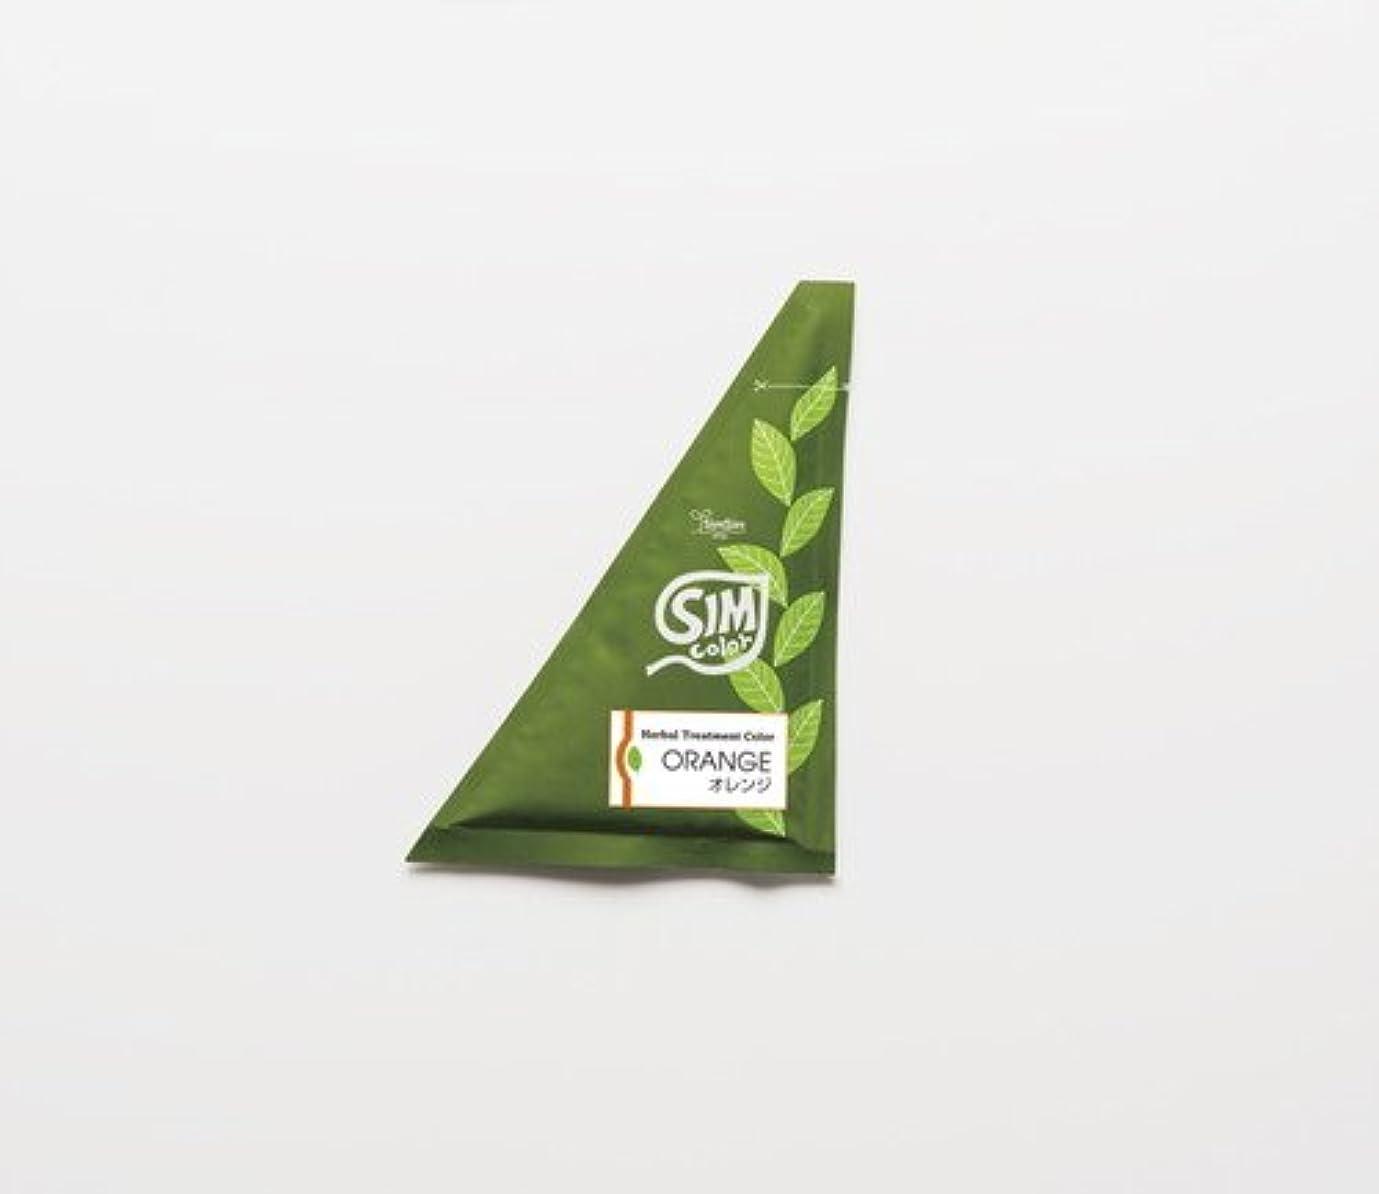 困難代替言い訳SimSim(シムシム)お手軽簡単シムカラーエクストラ(EX)25g 2袋 オレンジ